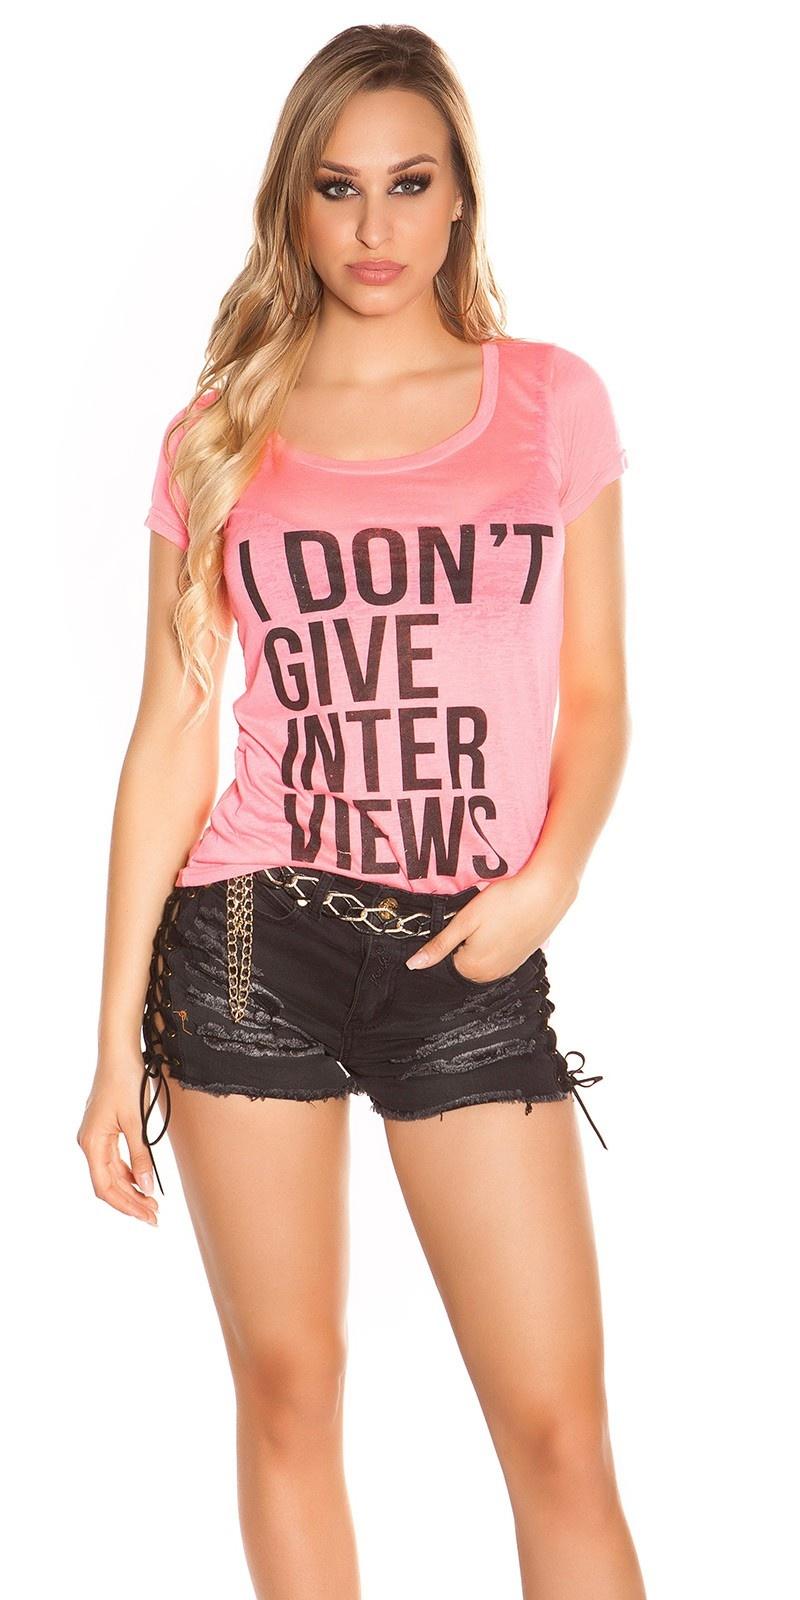 Sexy shirt i dont give interviews neonfuchsiaroze